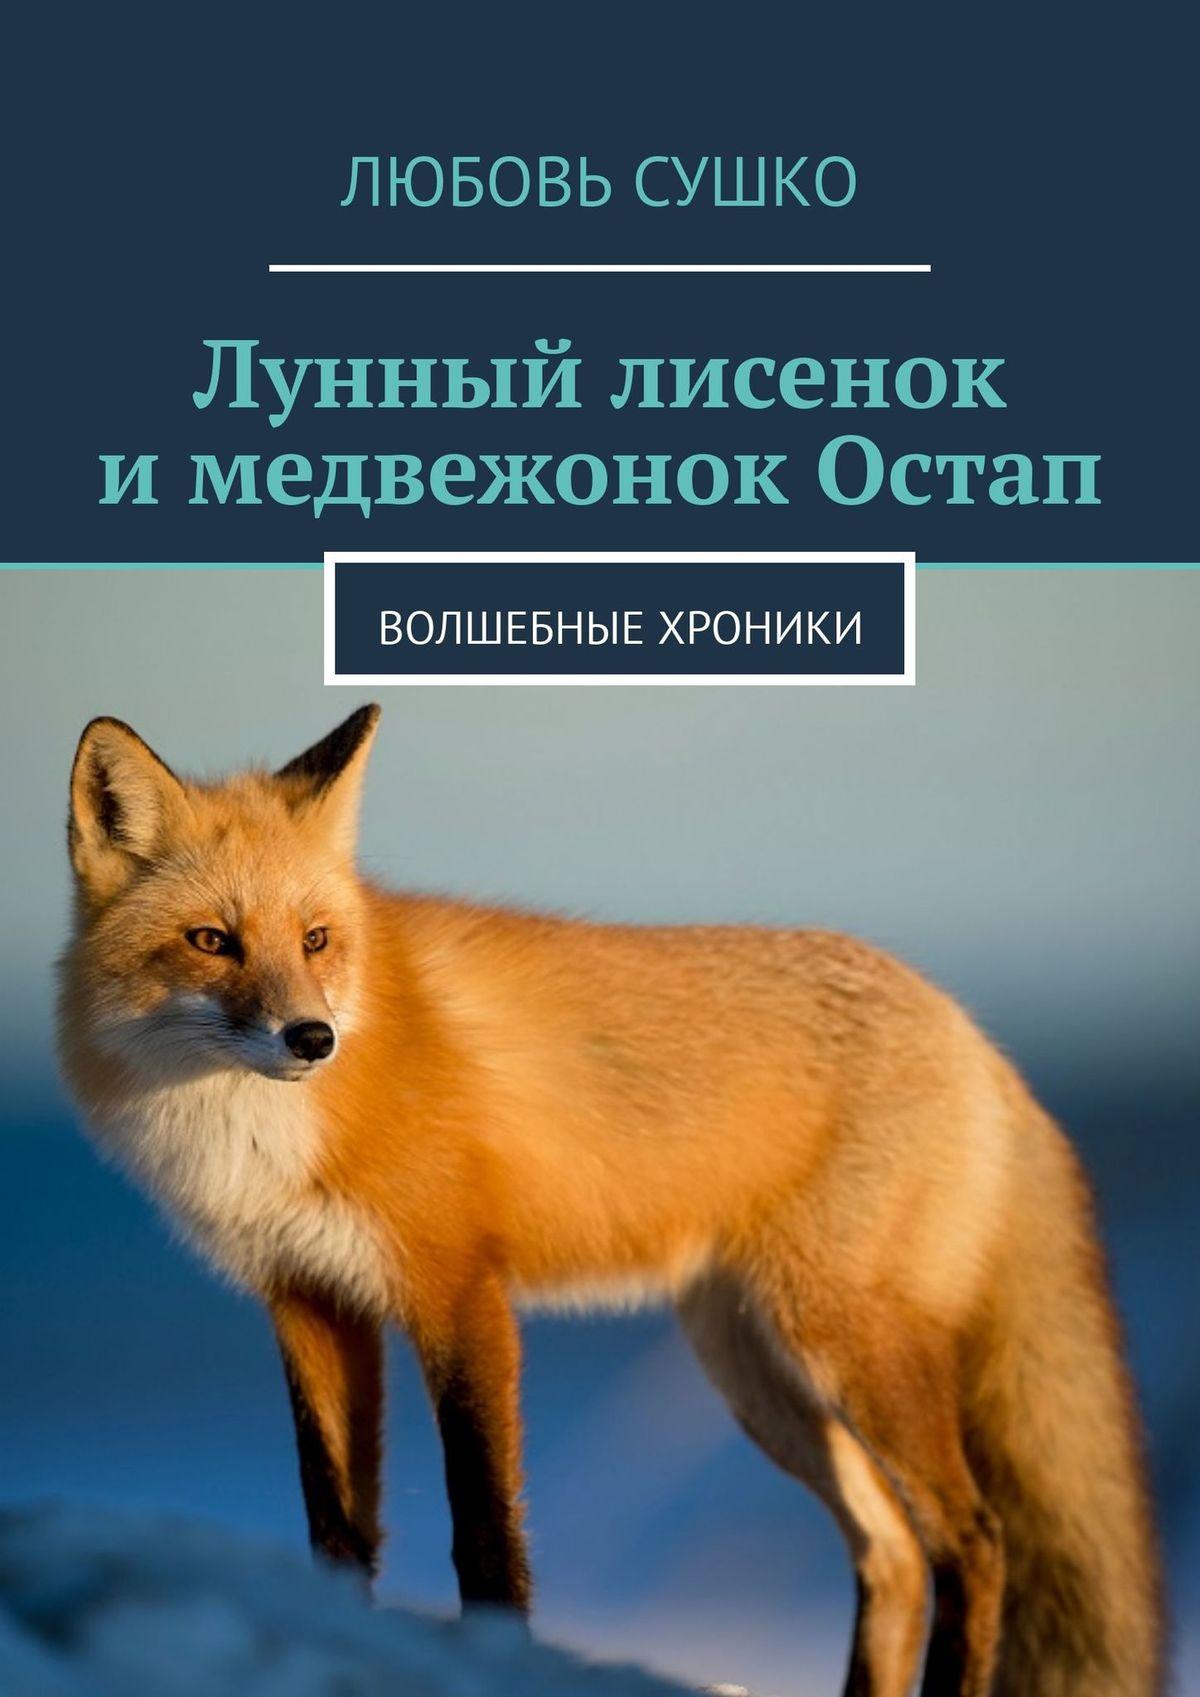 Любовь Сушко Лунный лисенок имедвежонок Остап. Волшебные хроники цена в Москве и Питере